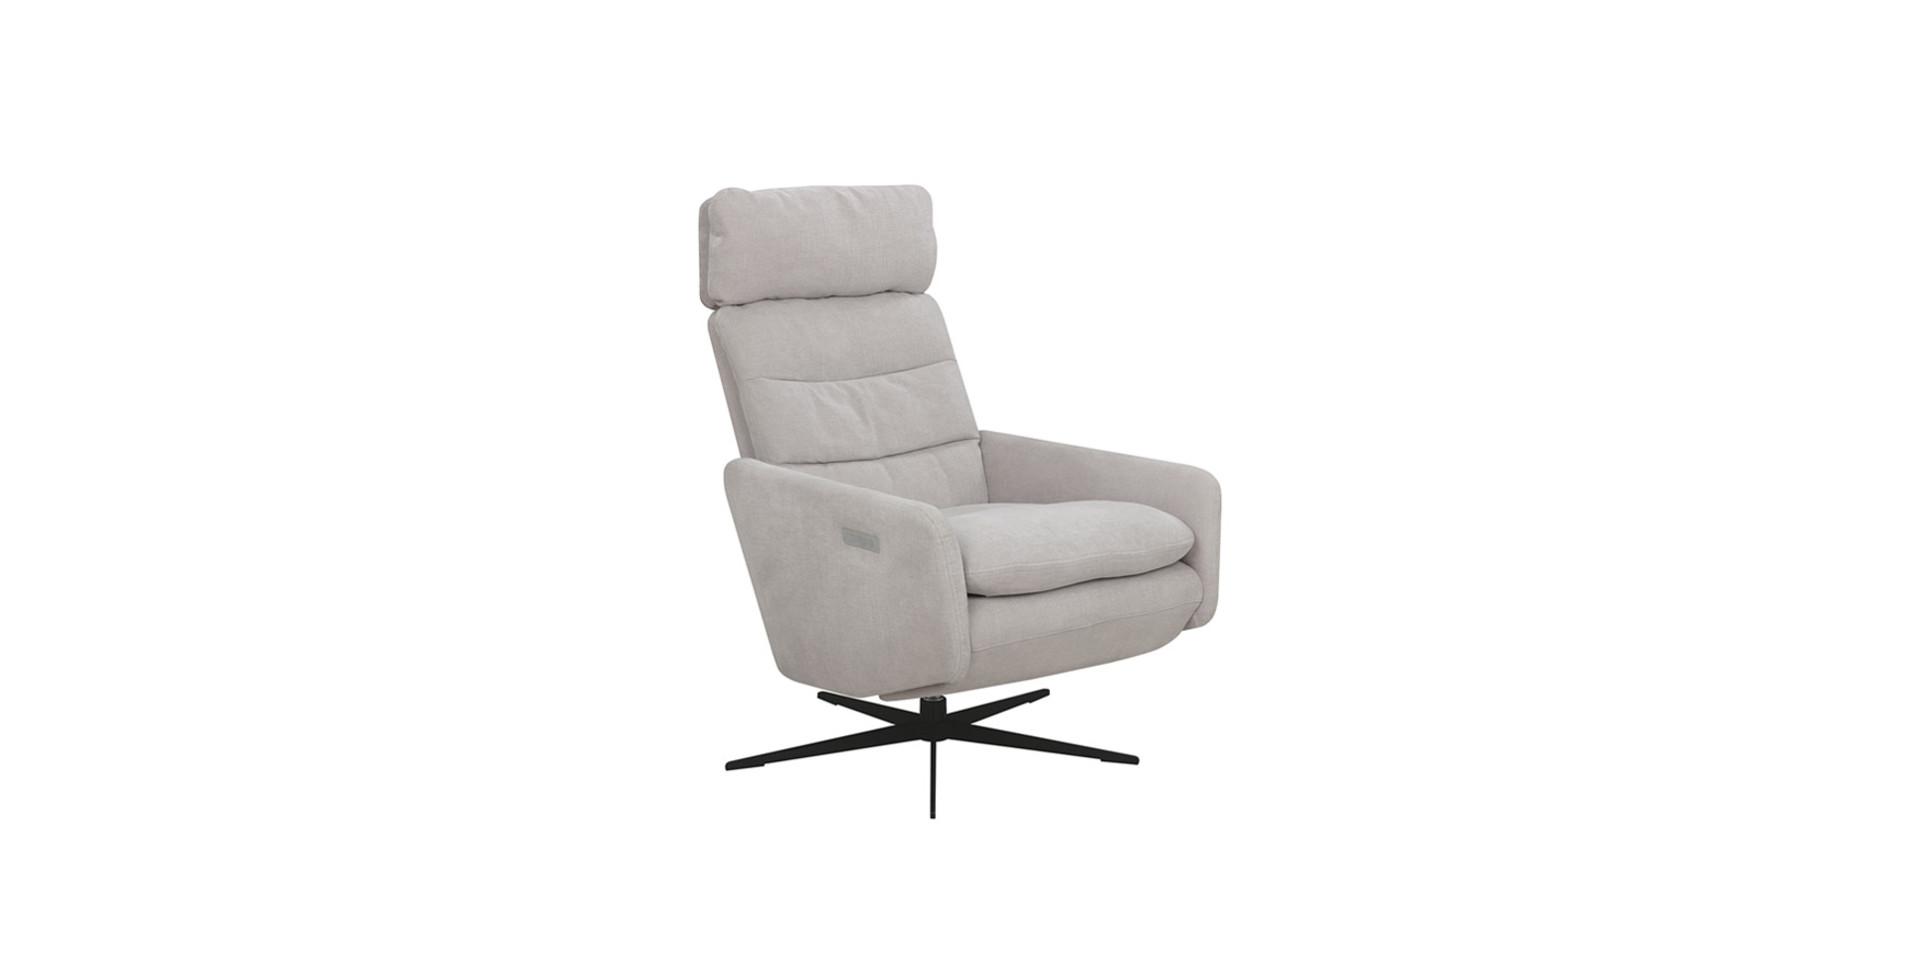 LIV_armchair_caleido10996_grey-beige_2